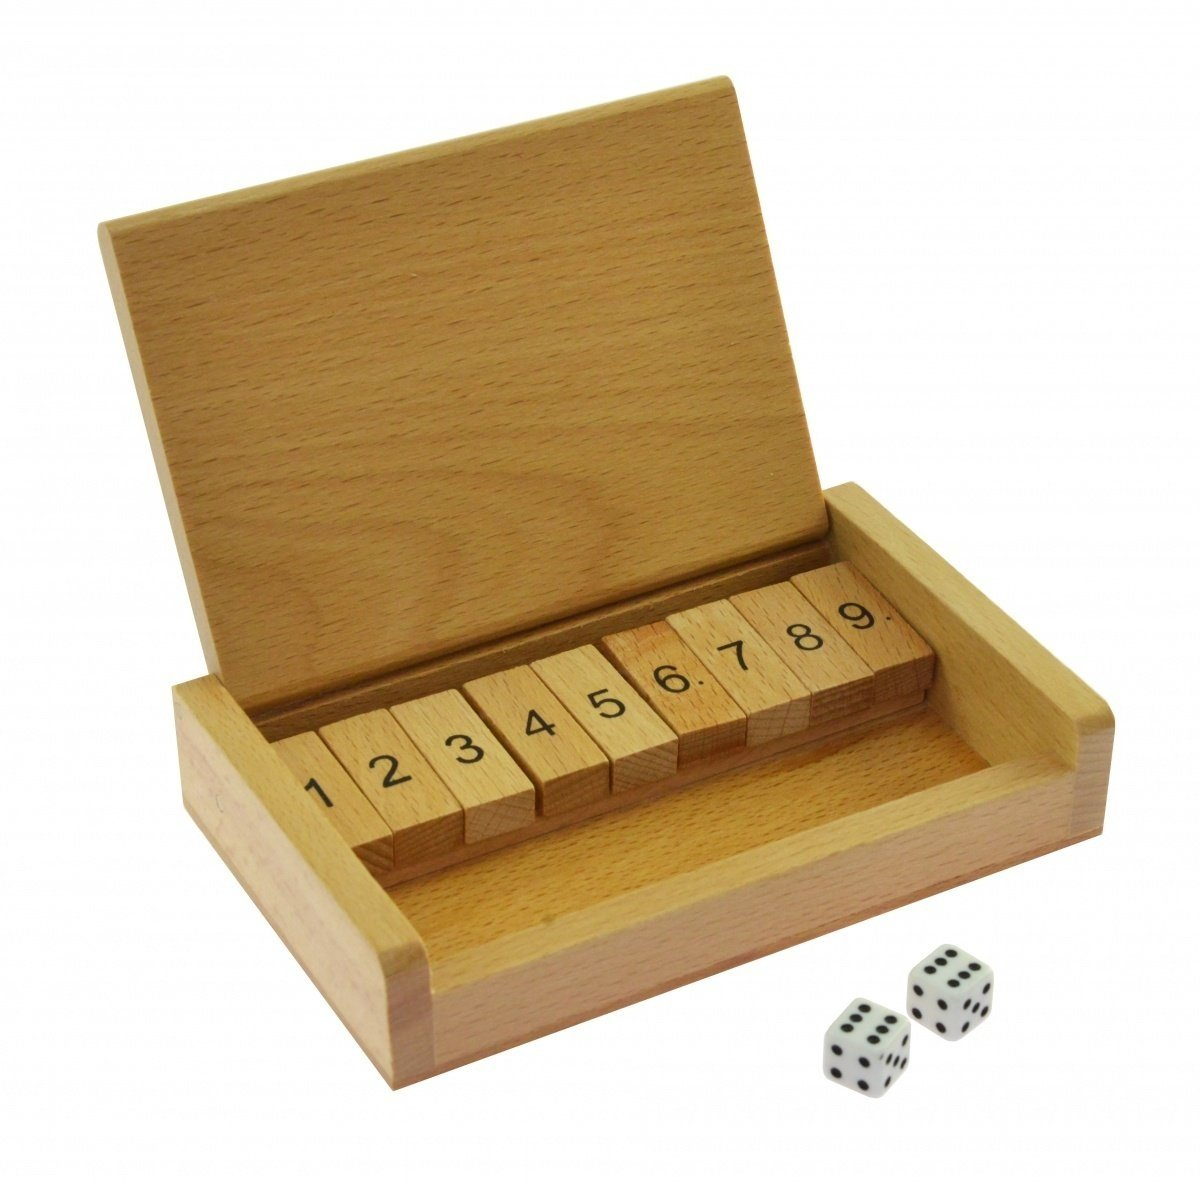 Настольная игра goki Мастер счета в коробочке (HS185) фото 3